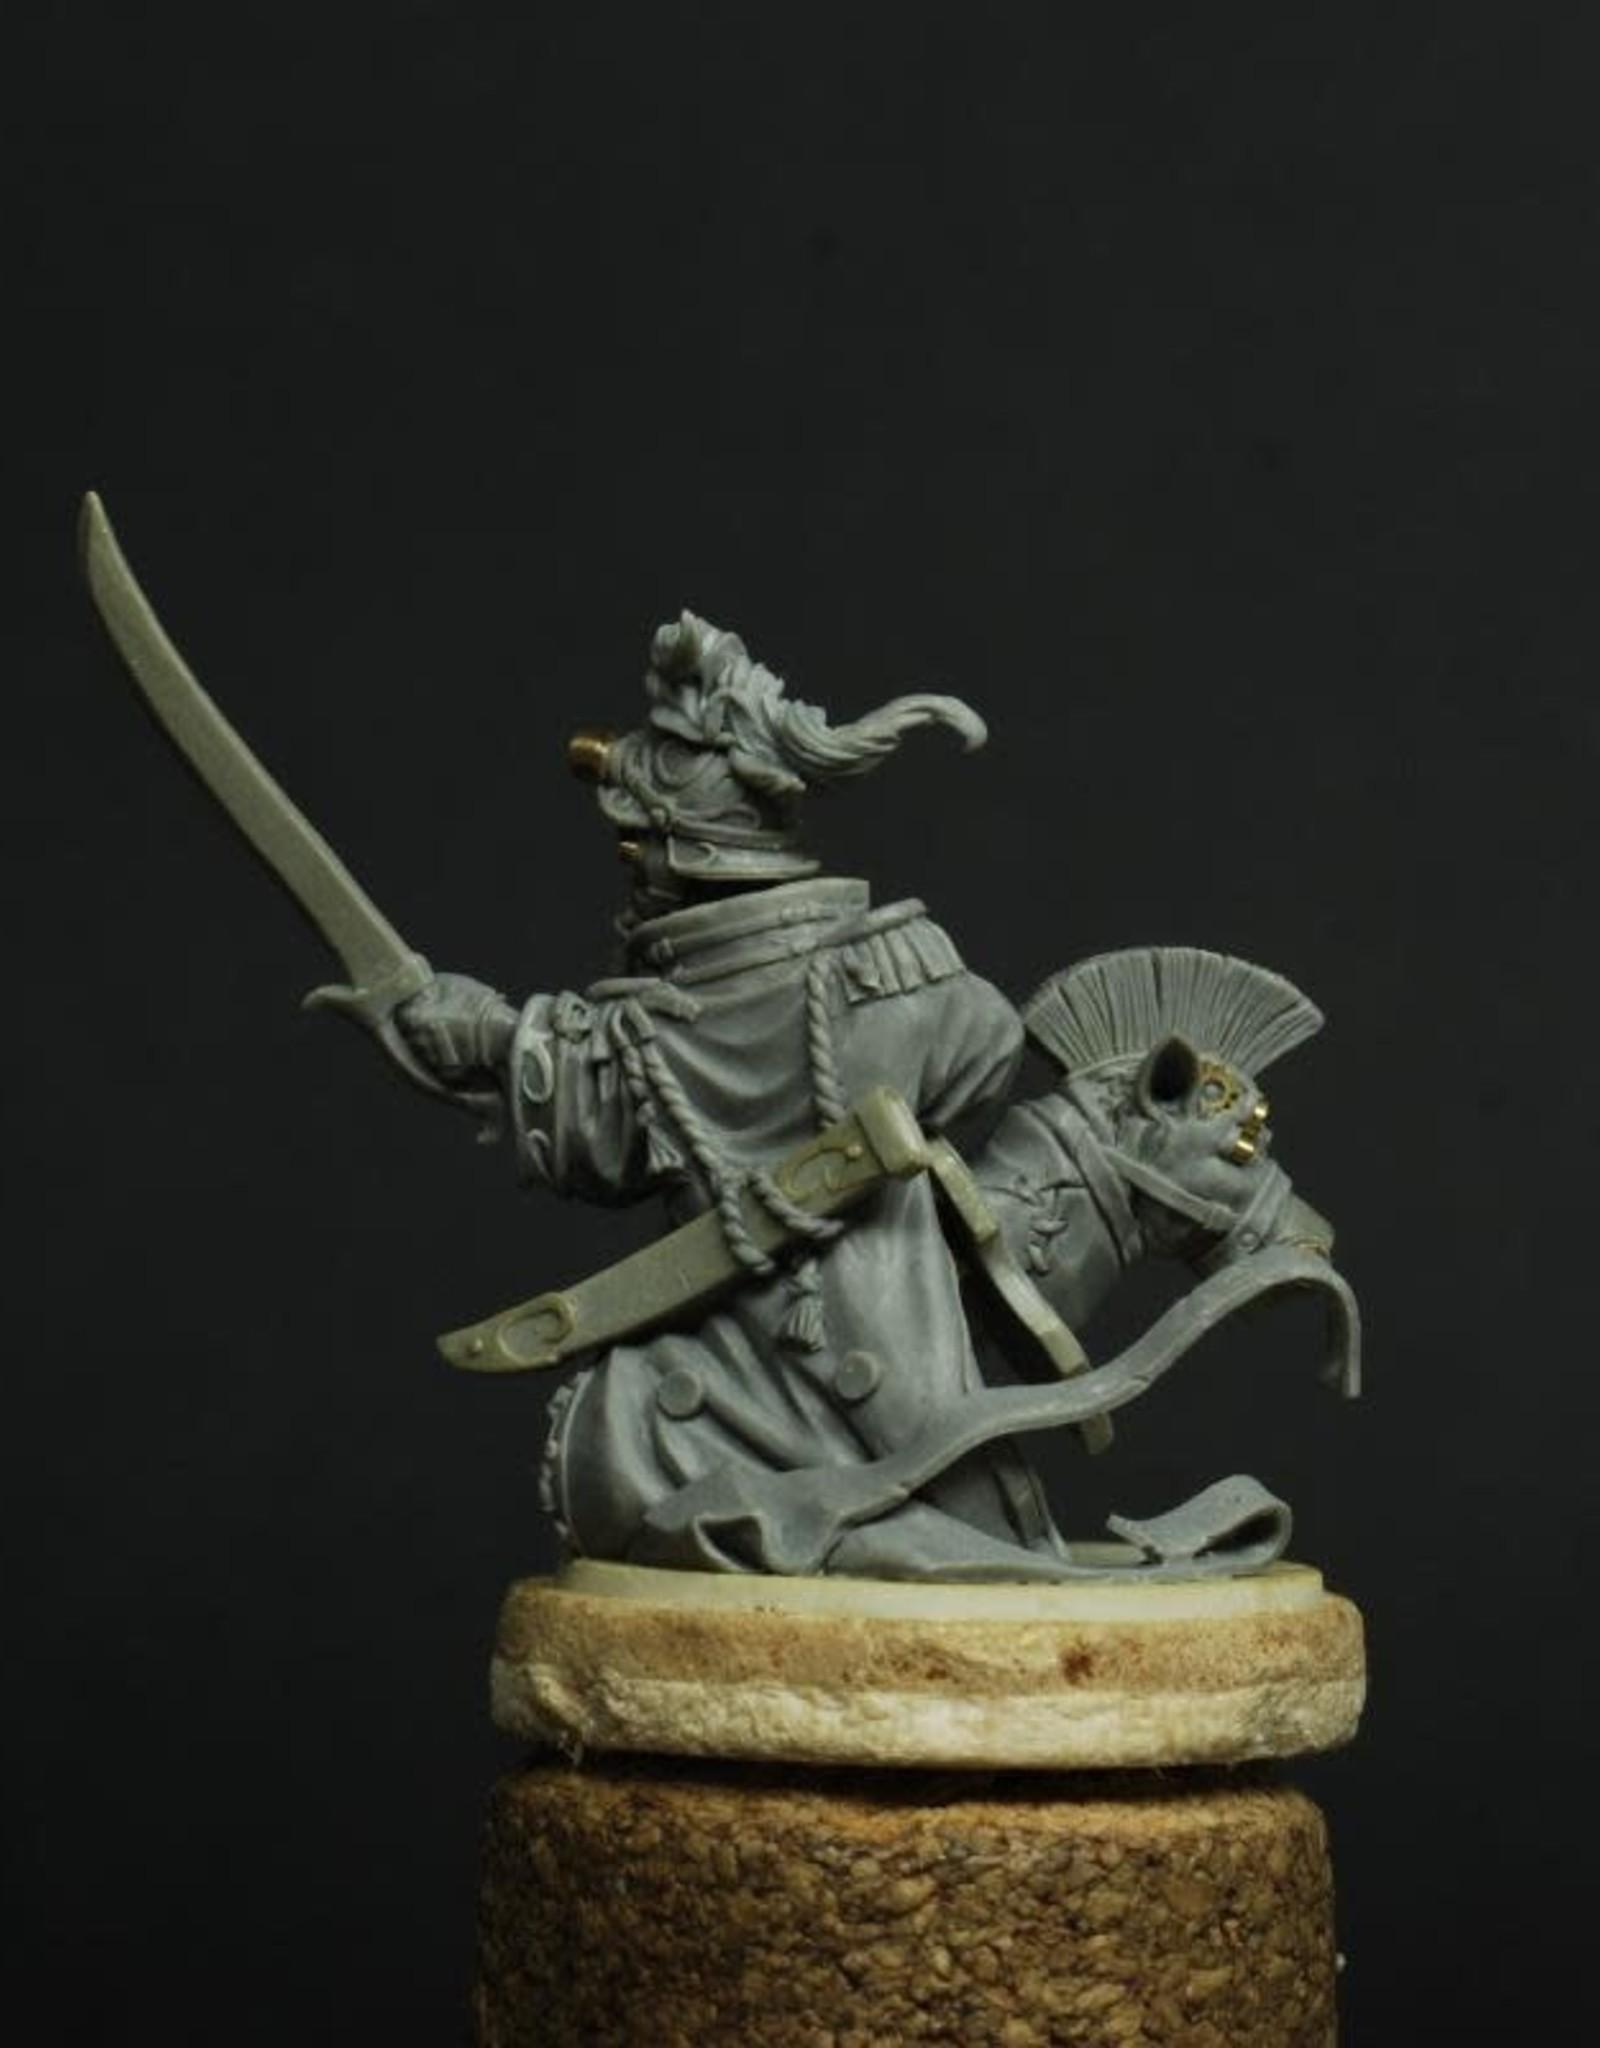 Demented Games Urkin Dragoon - Metal